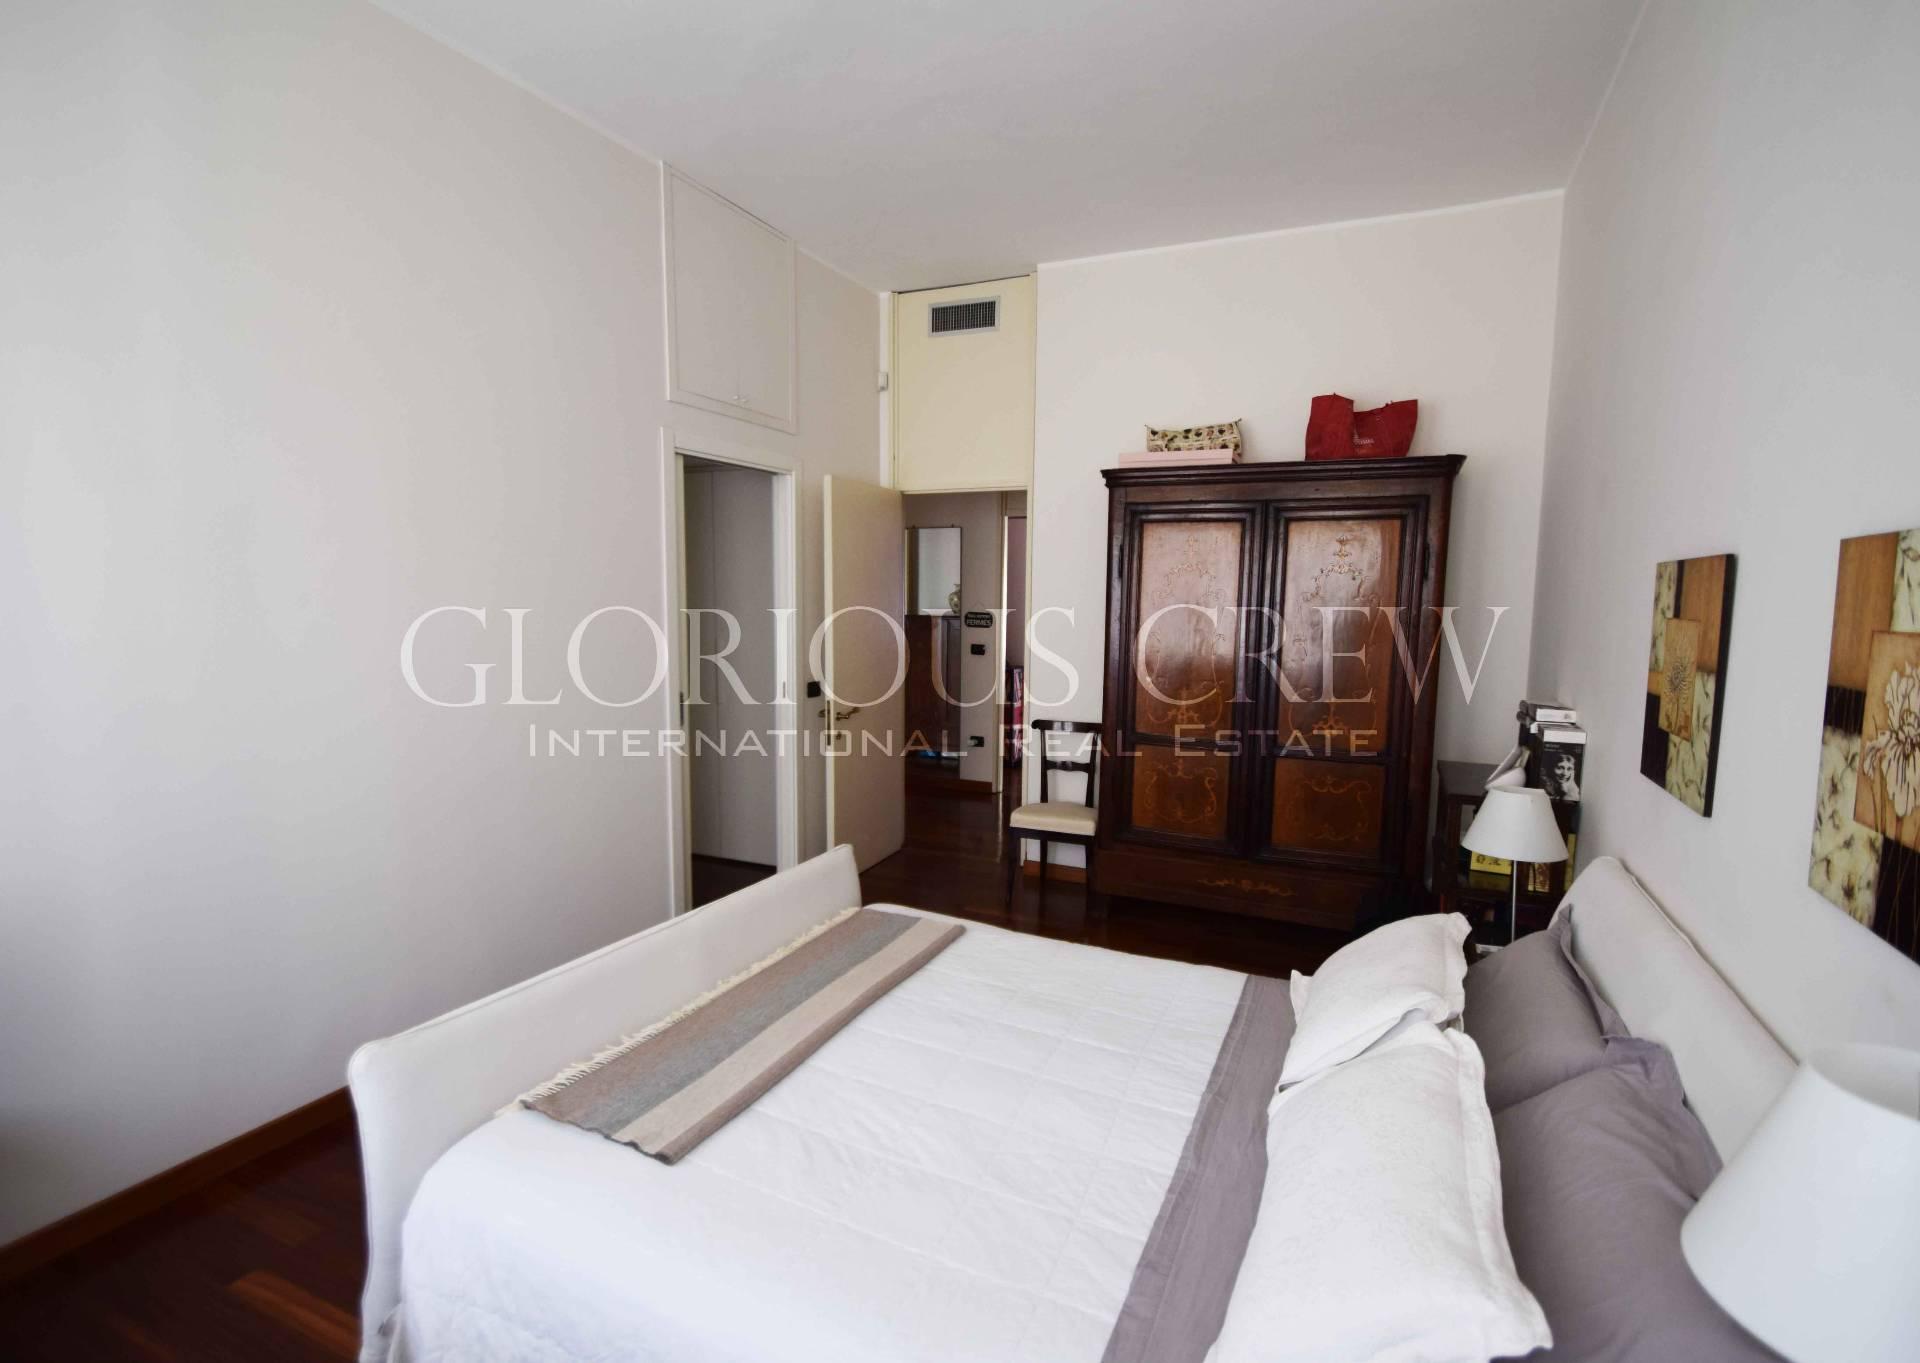 Appartamento in Vendita a Milano: 4 locali, 165 mq - Foto 5